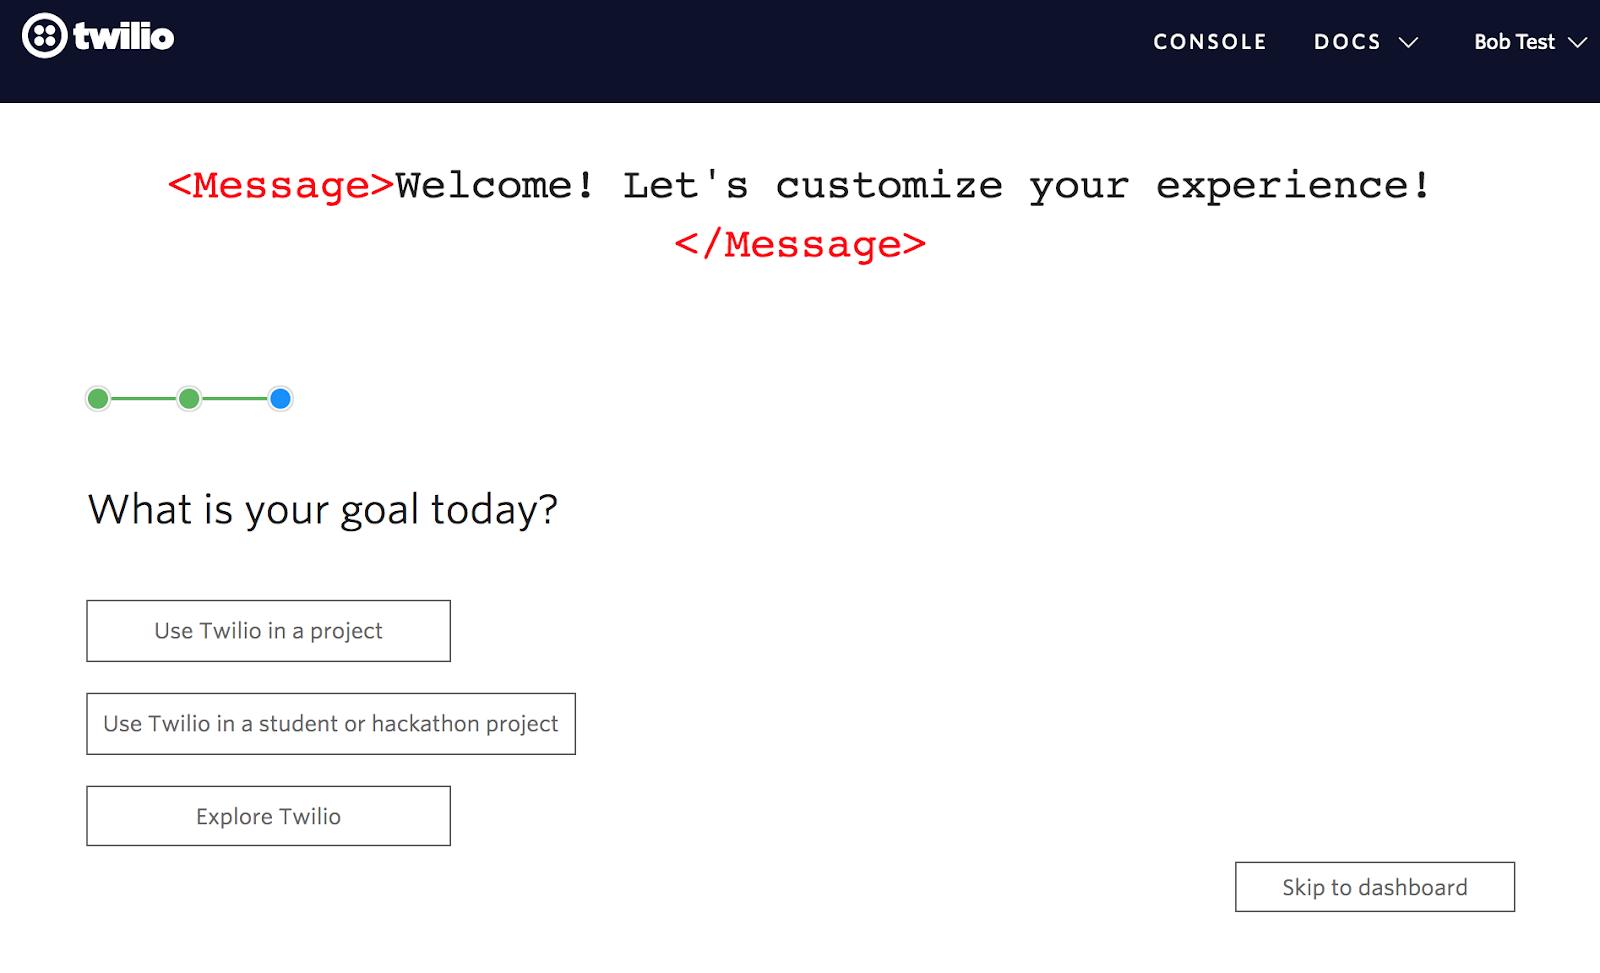 twilio user onboarding user goals